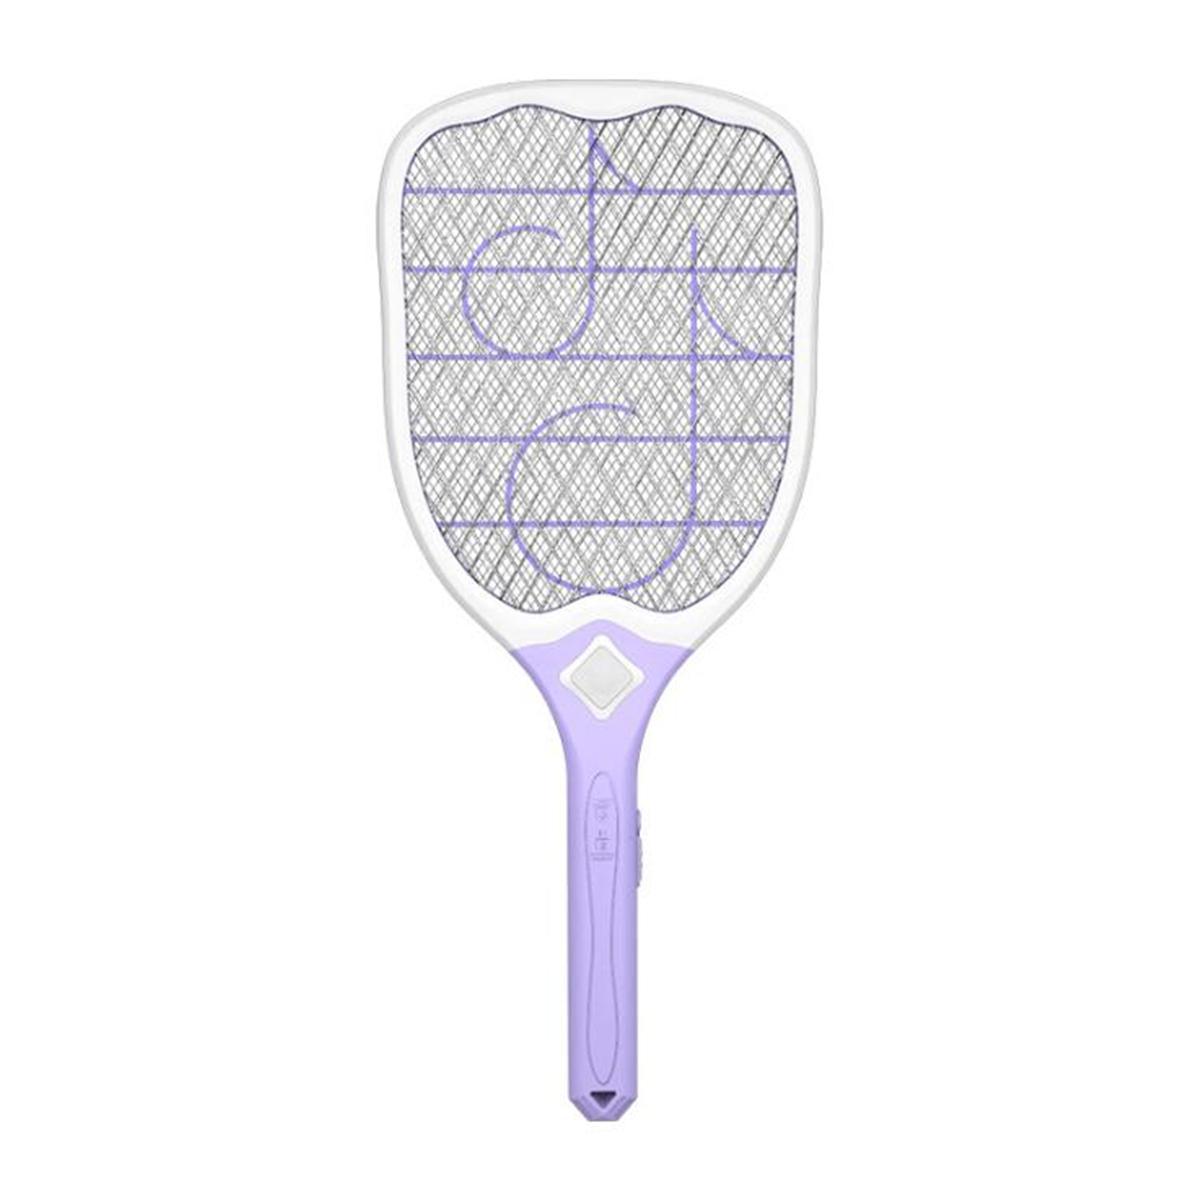 3000 В 220 В / 50 Гц USB аккумуляторная электрическая москитная летающая мухобойка LED электрический убийца мух фото